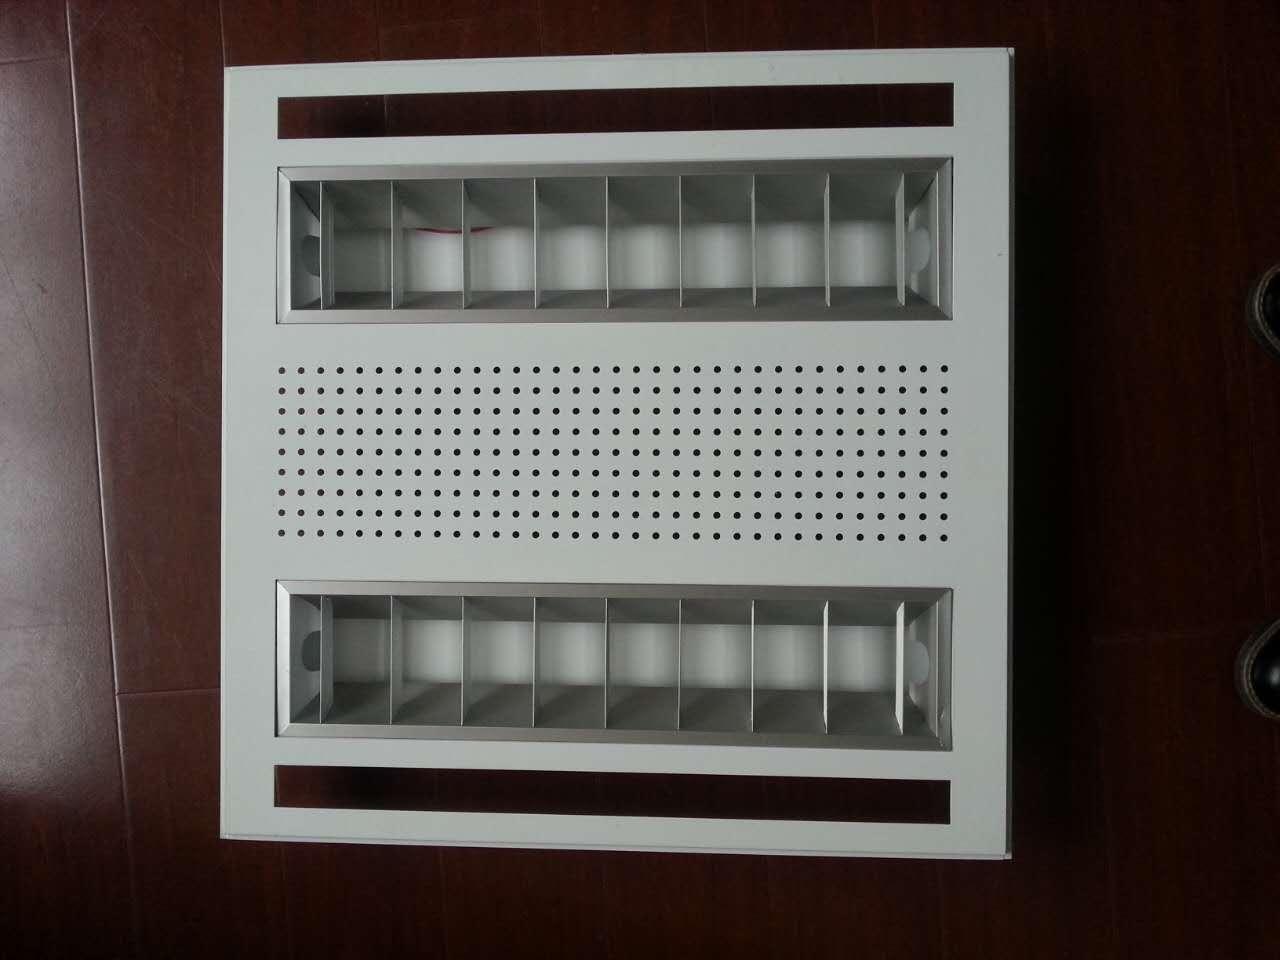 600型组合灯具静压箱.jpg